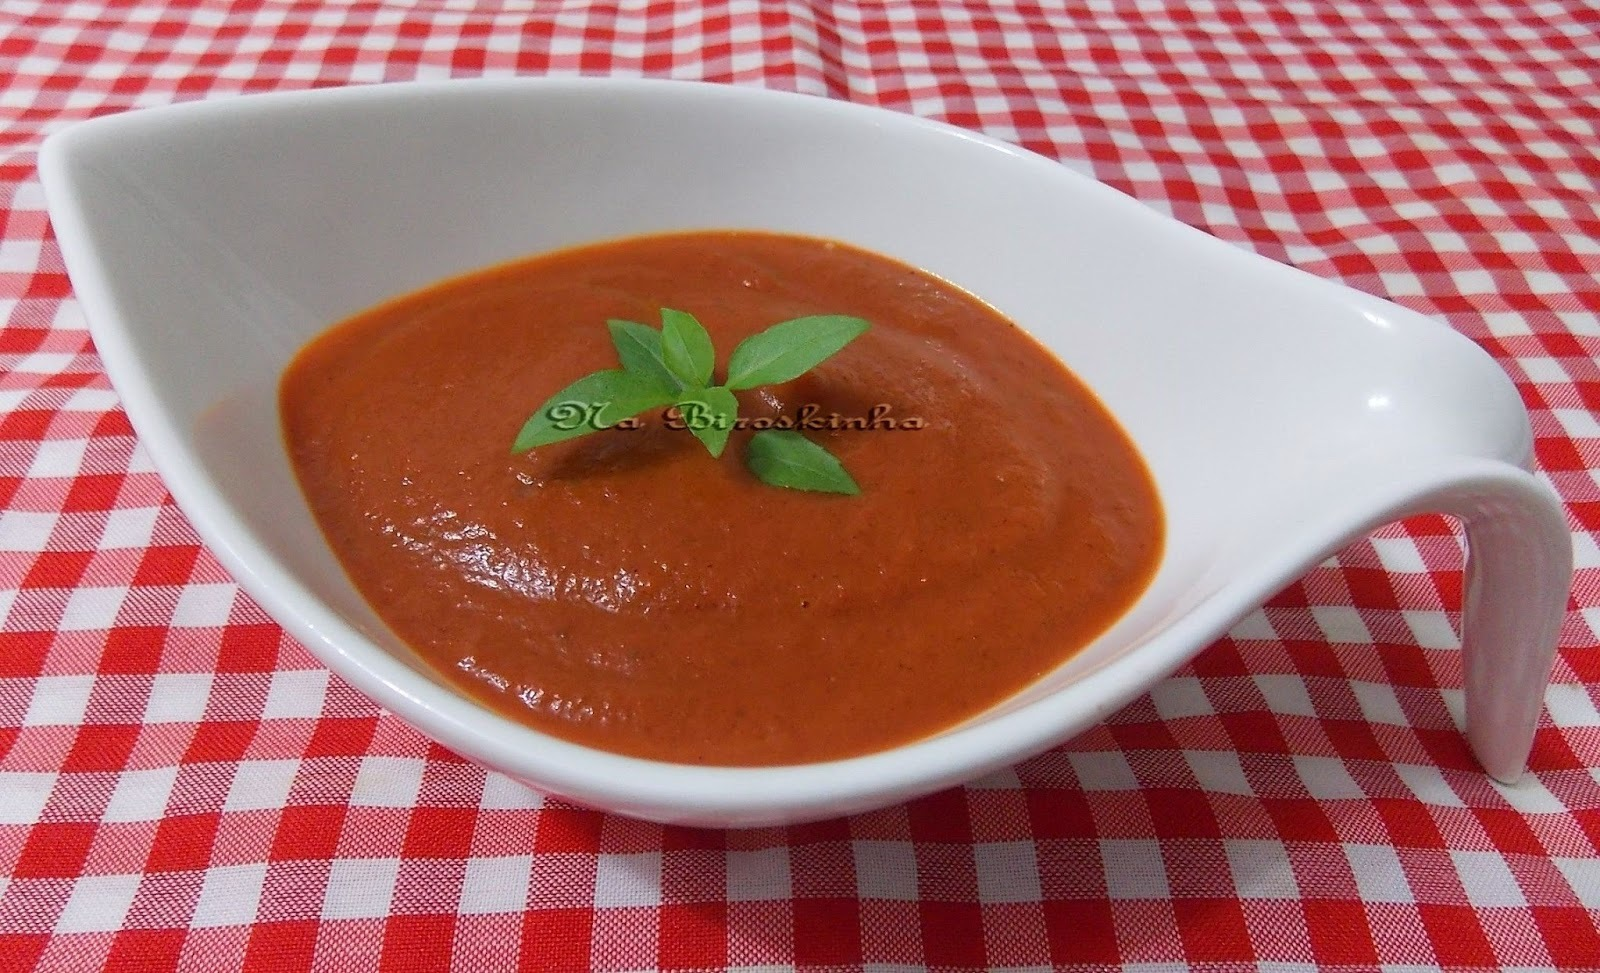 Molho de Beterraba e Cenoura (parece de tomate)